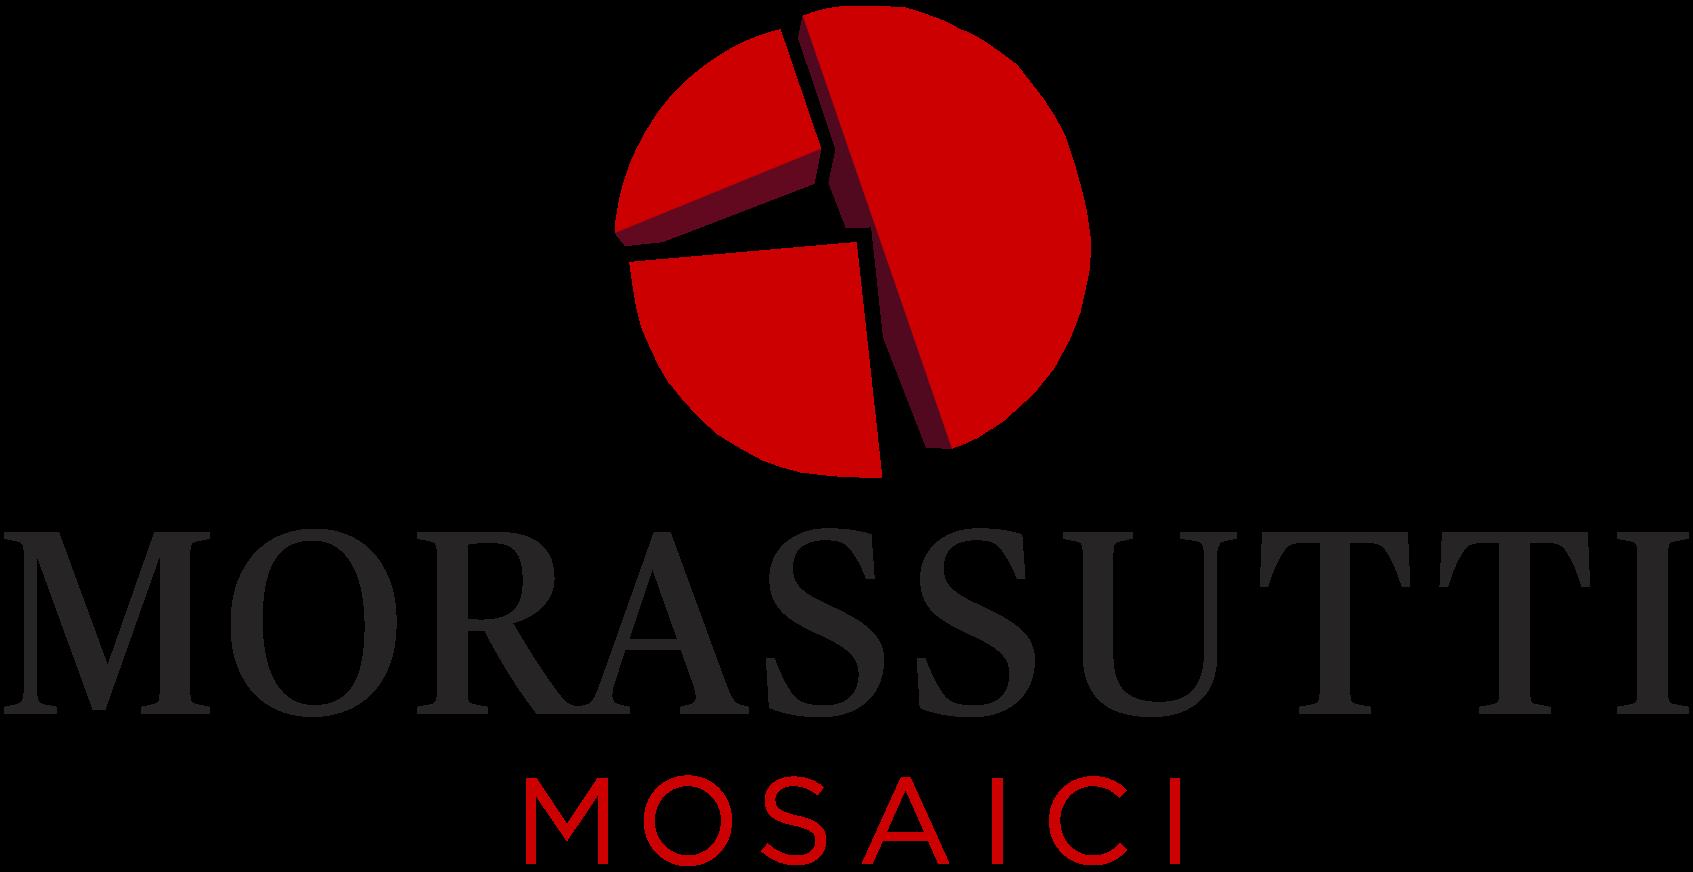 logo Morassutti Mosaici